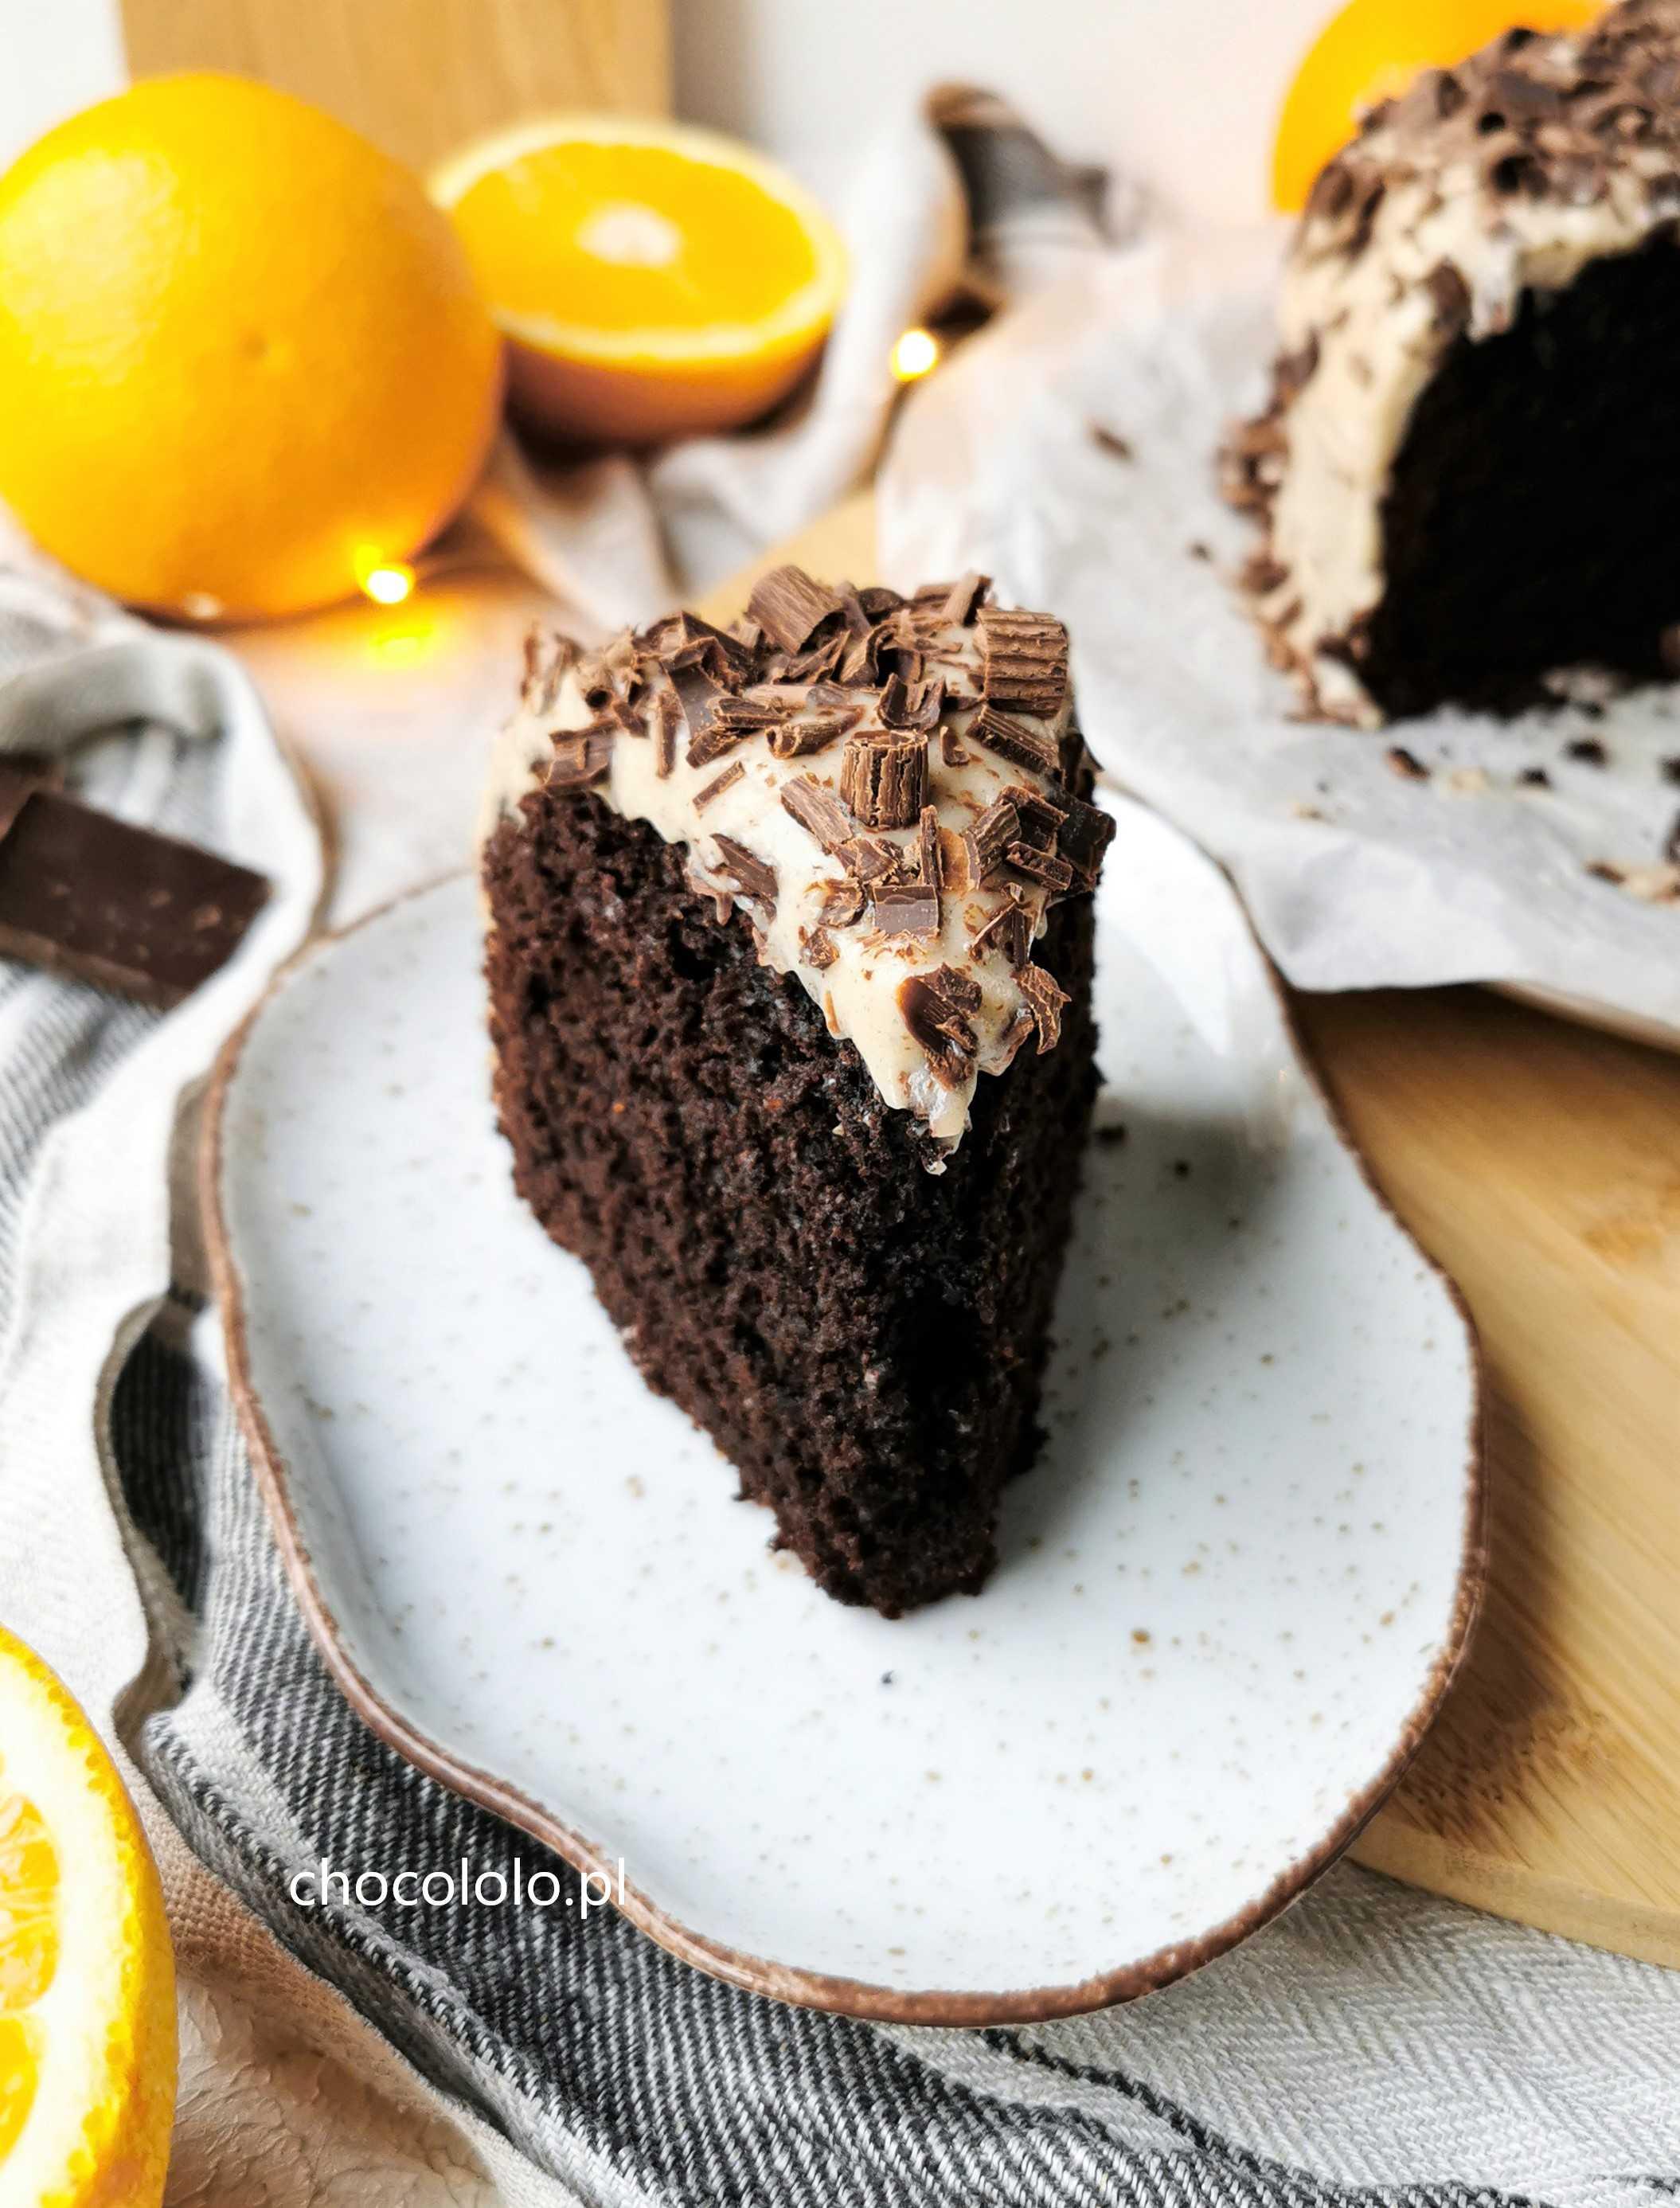 czekoladowo-pomarańczowe ciasto z kremem cynamonowym